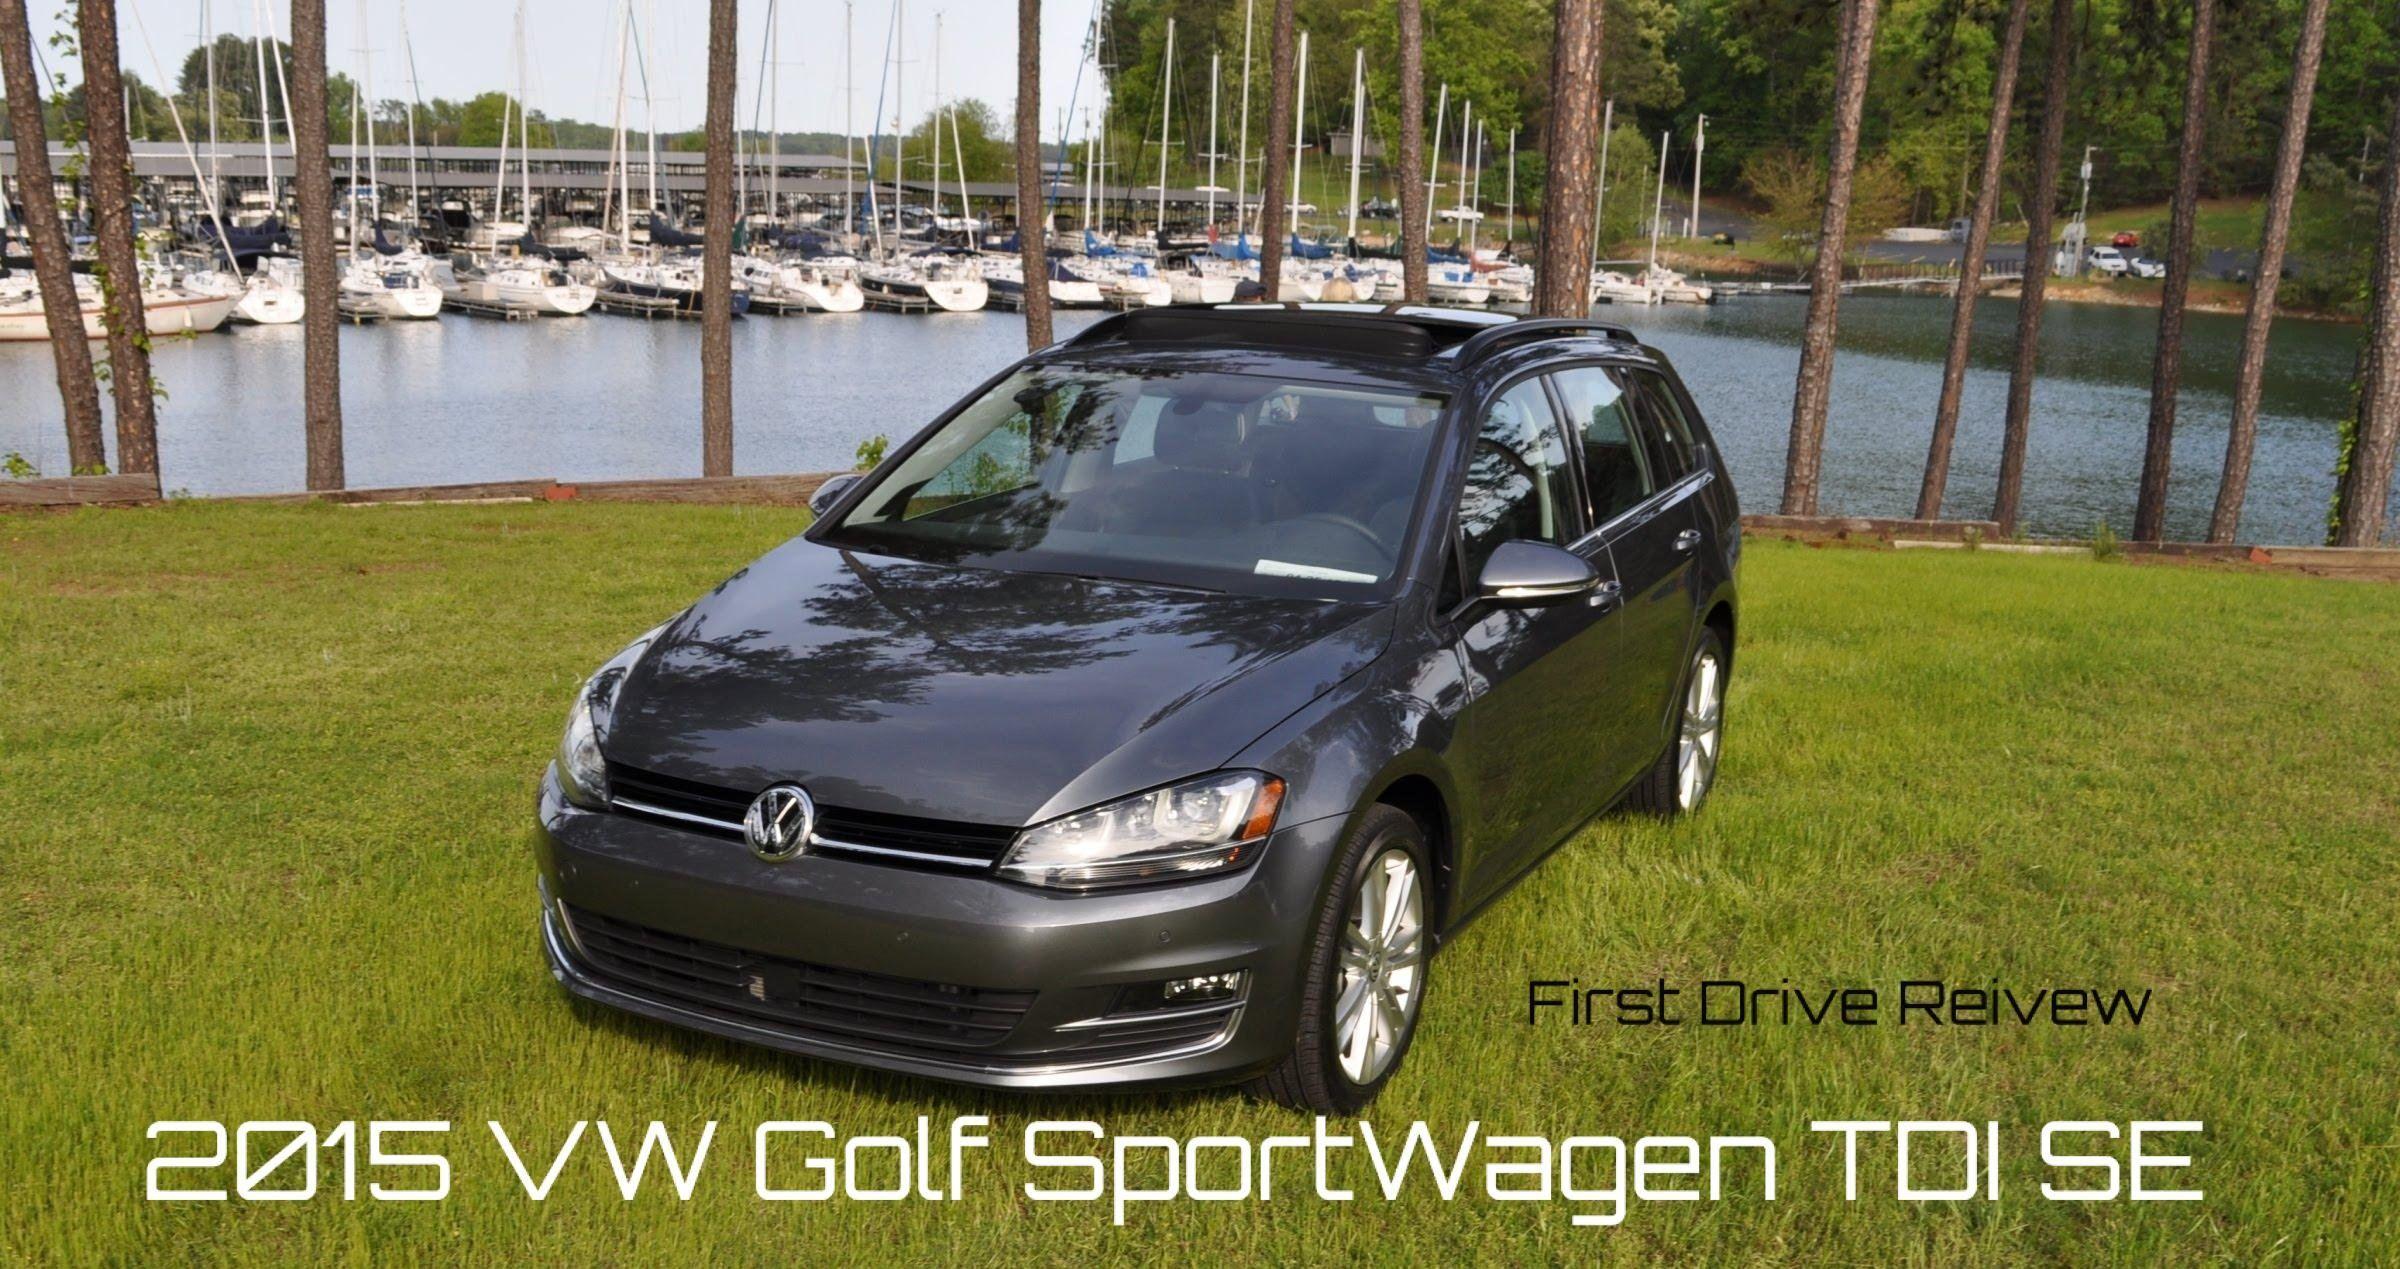 2015 VW Golf Sportwagen TDI SE 6-Speed Manual - 4K Road Test Review